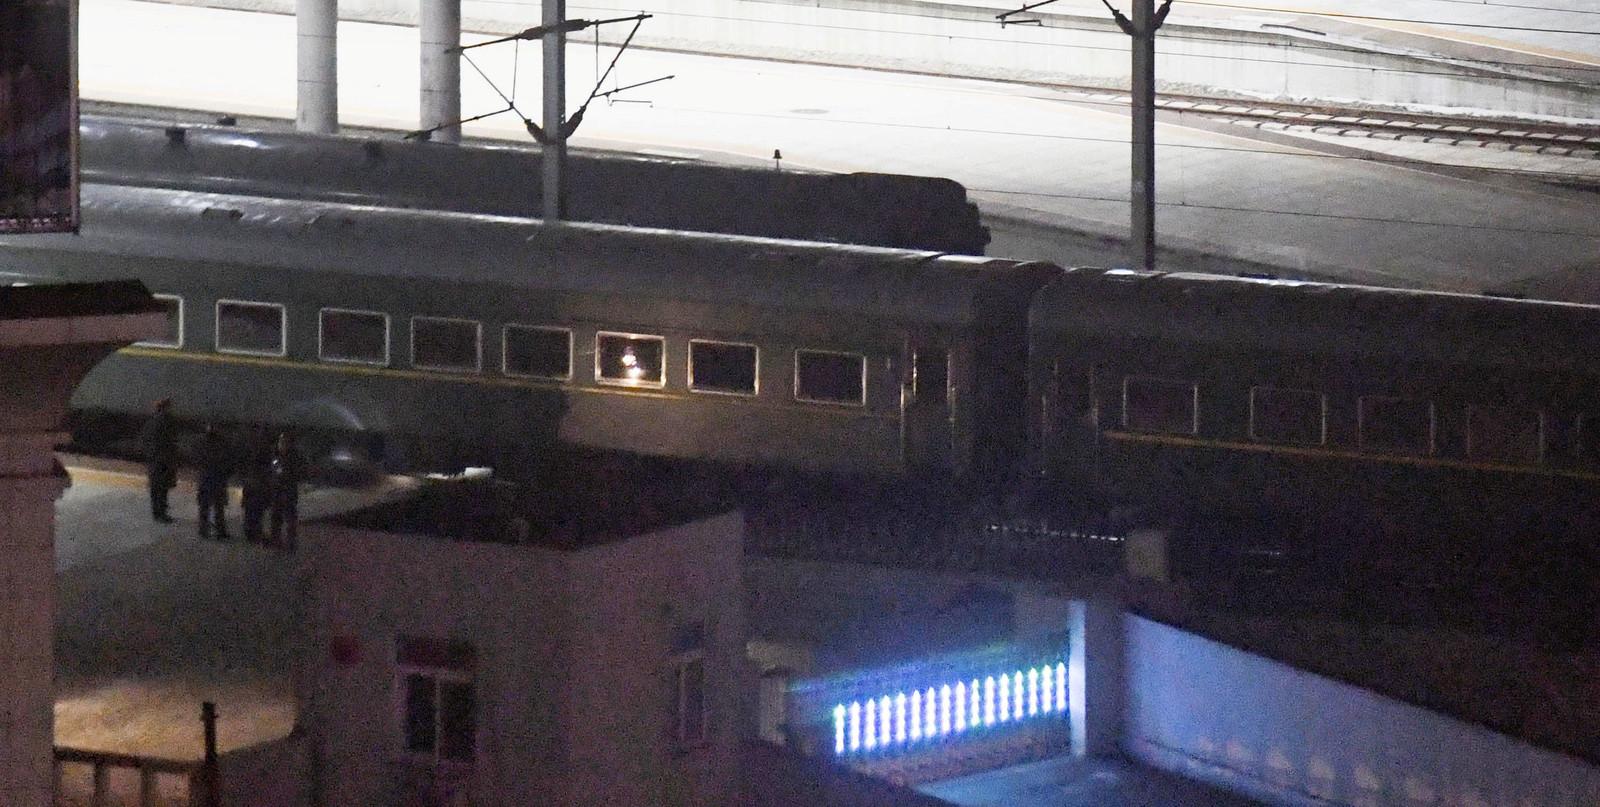 De gepantserde trein van Kim Jong-un